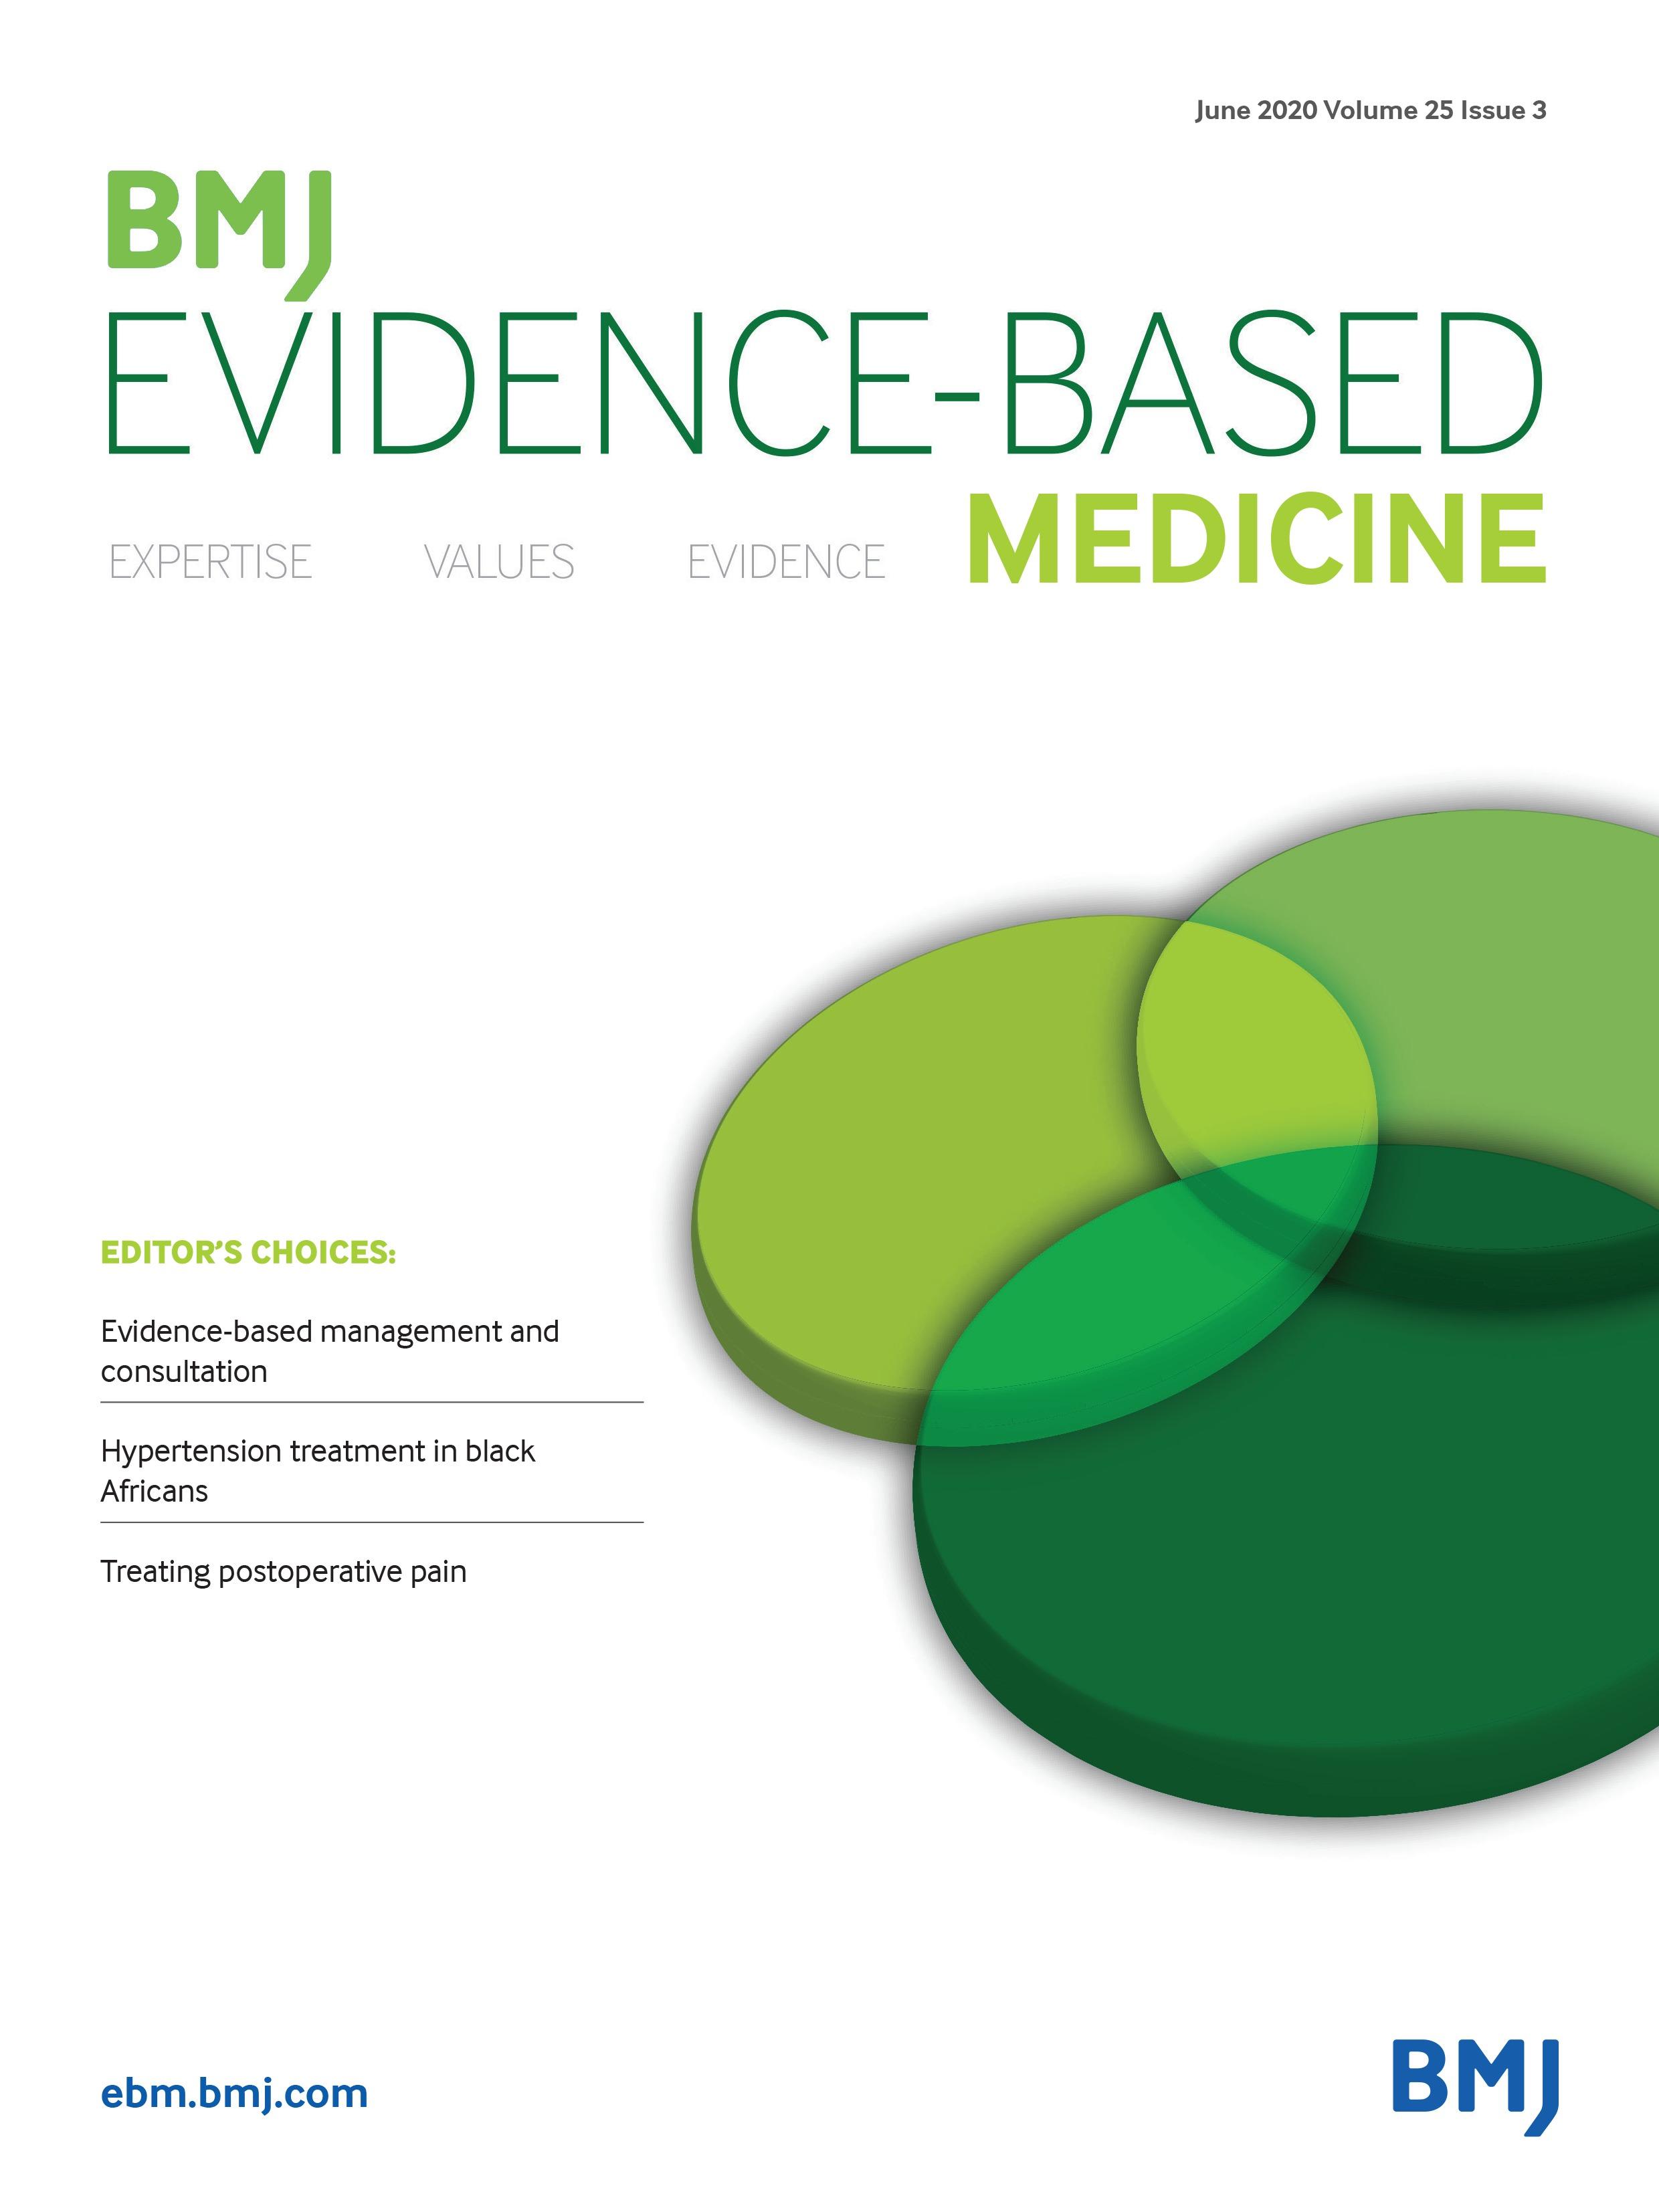 Temperatura e COVID-19: Índia | Medicina baseada em evidências do BMJ 1